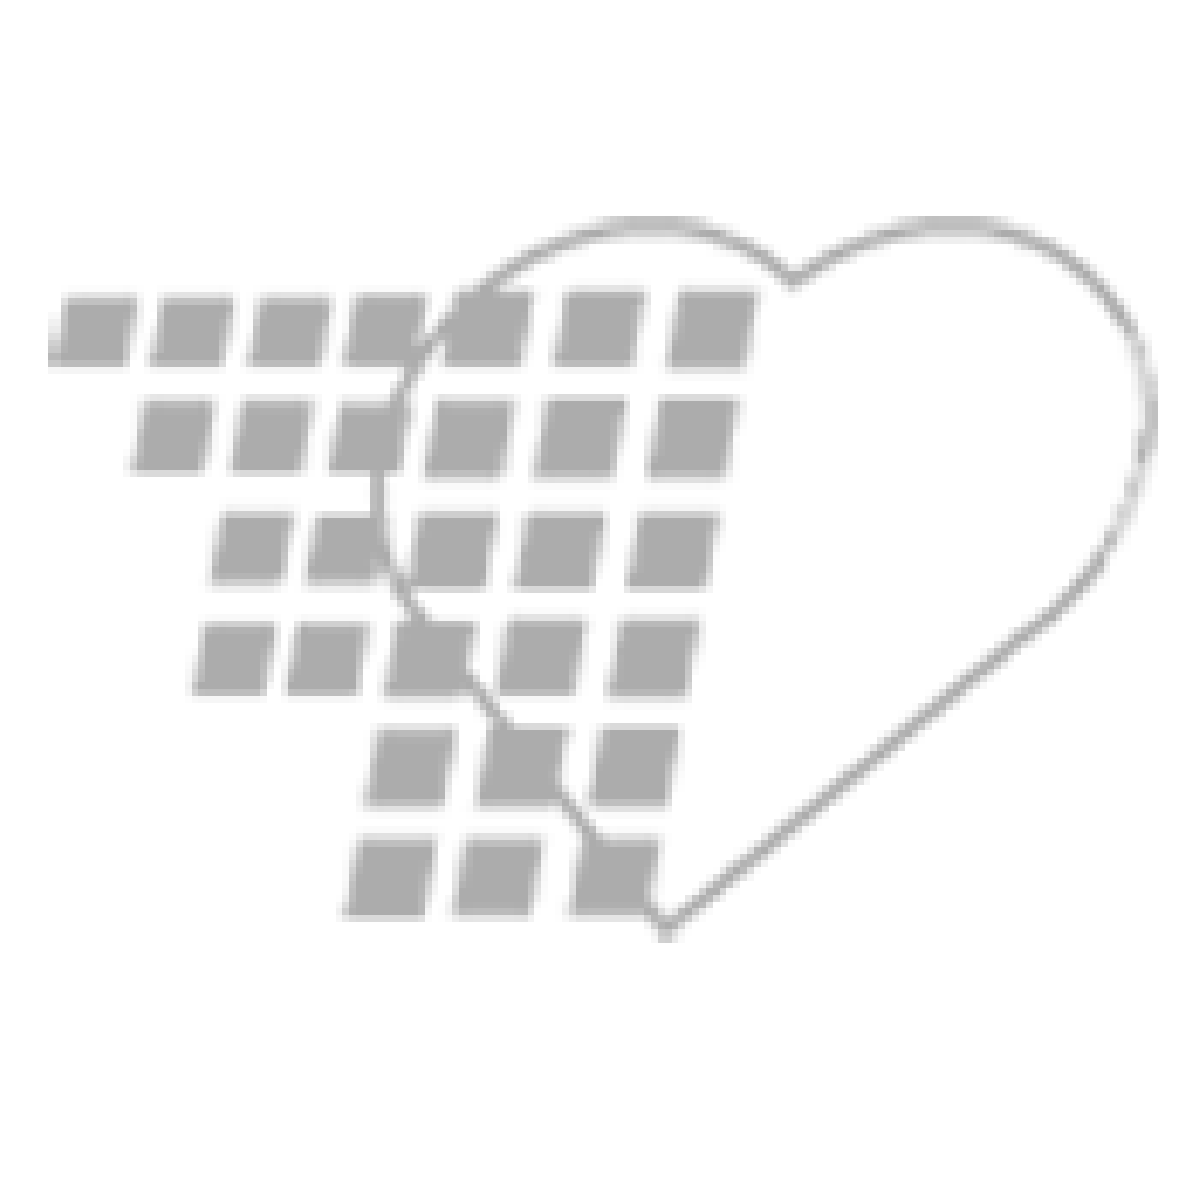 06-93-0303 - Demo Dose® Long Term MVt Medication Pack